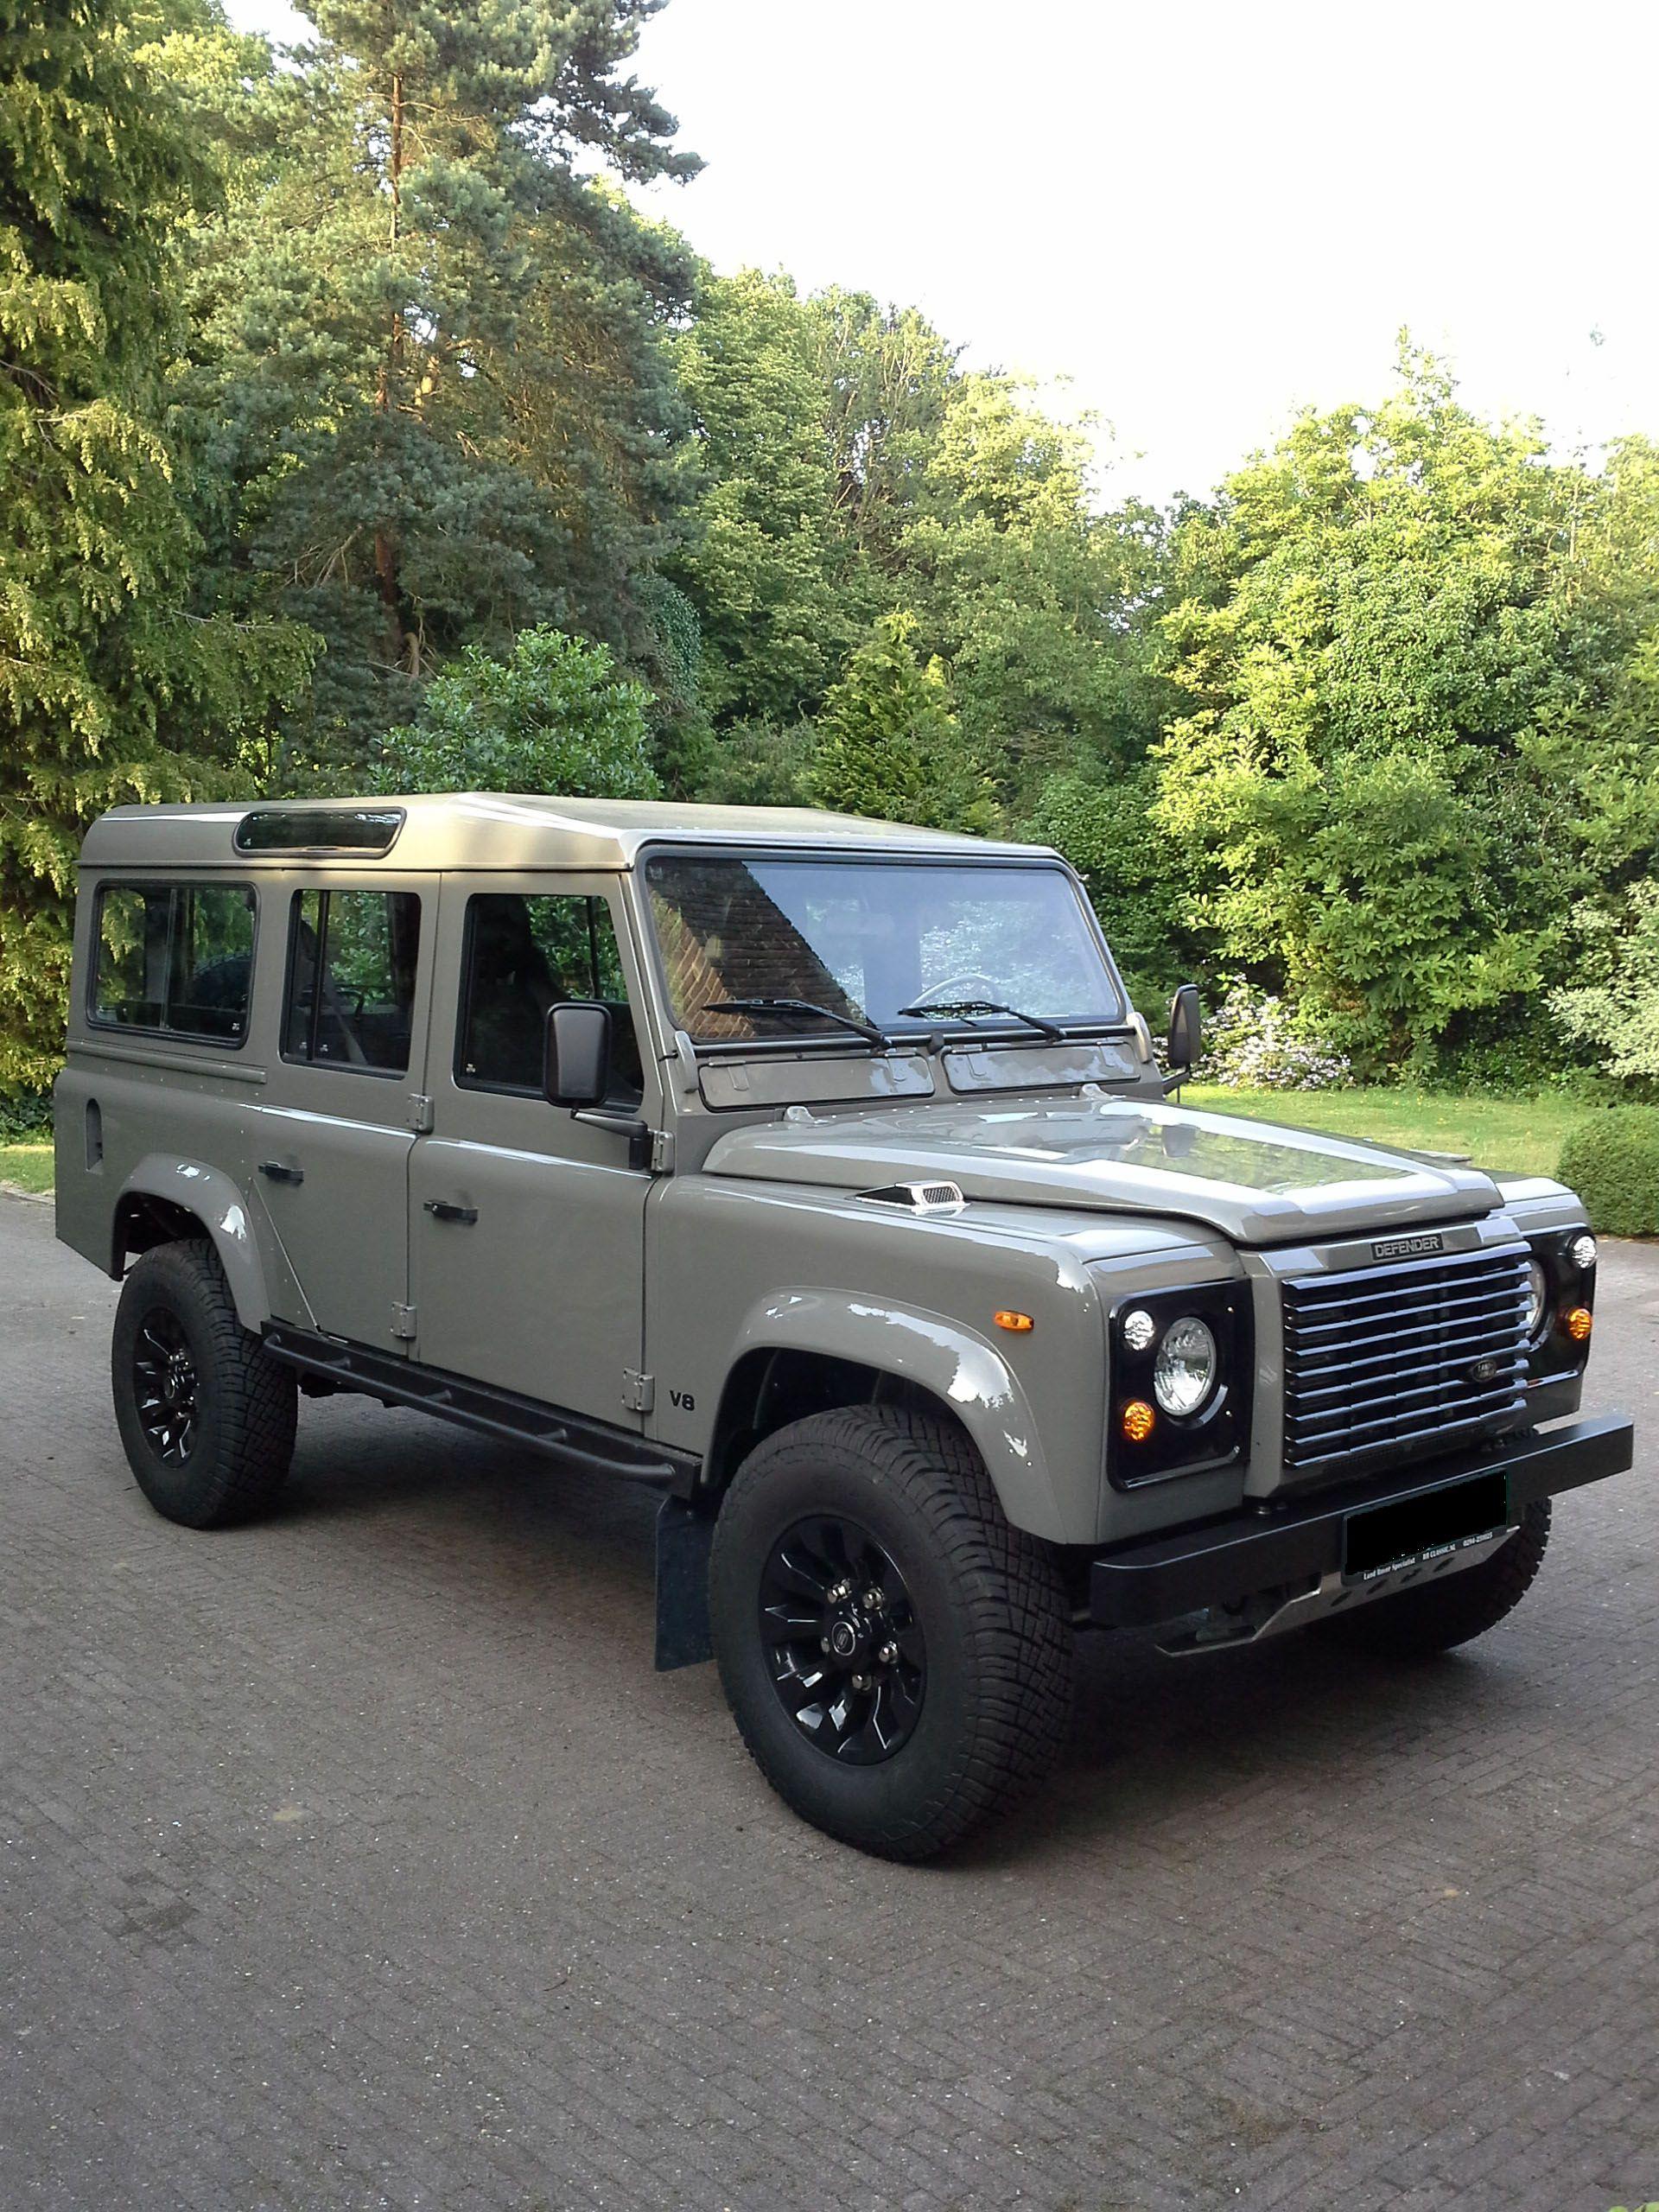 Defender 110 By Rr Classic Landrover Defender Land Rover Defender Land Rover Defender 110